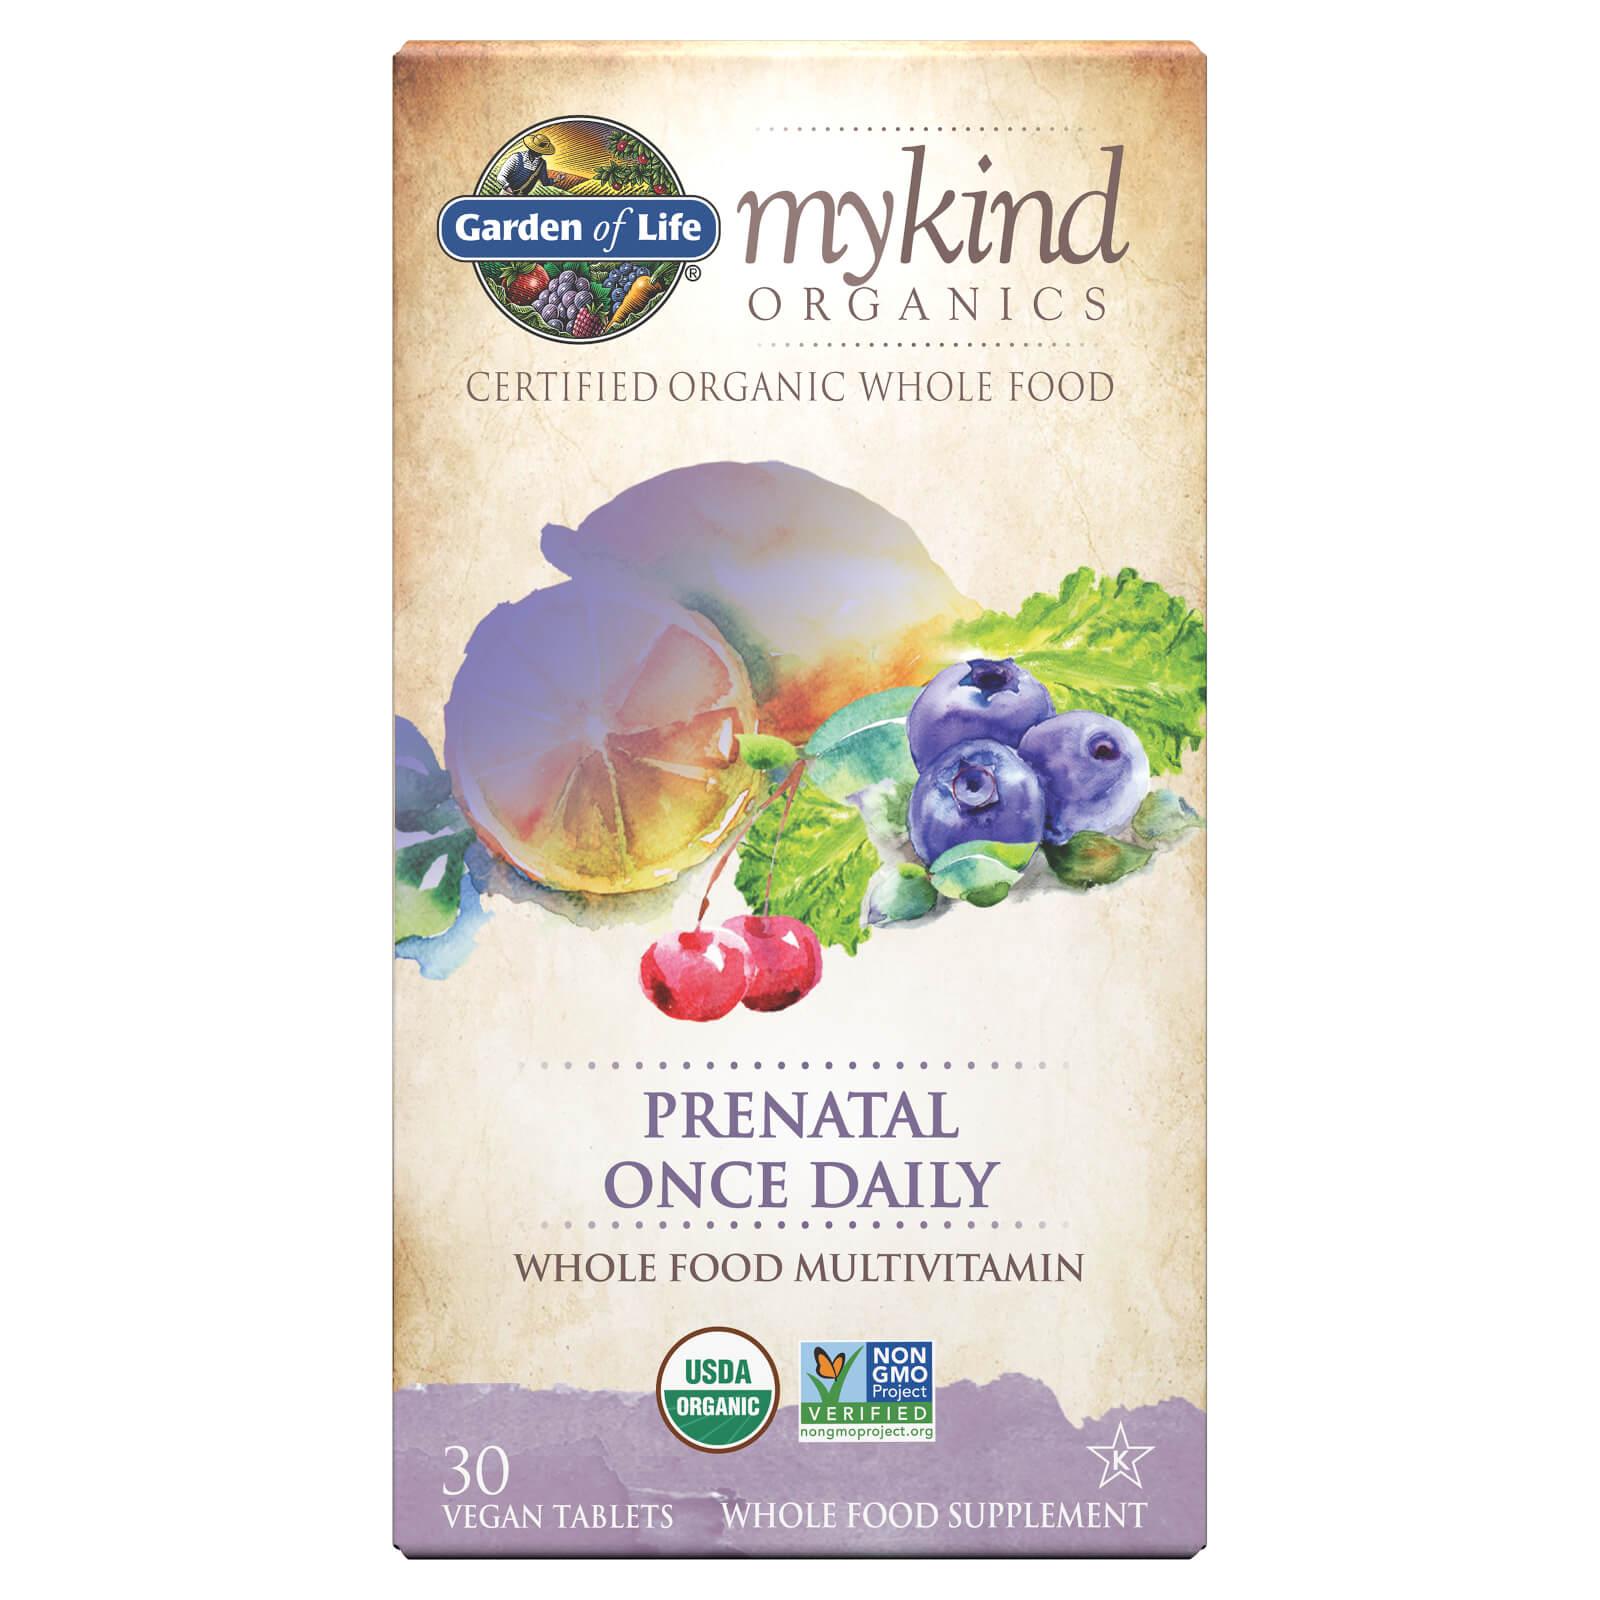 mykind Organics Prenataal Eenmaal Daags - 30 tabletten